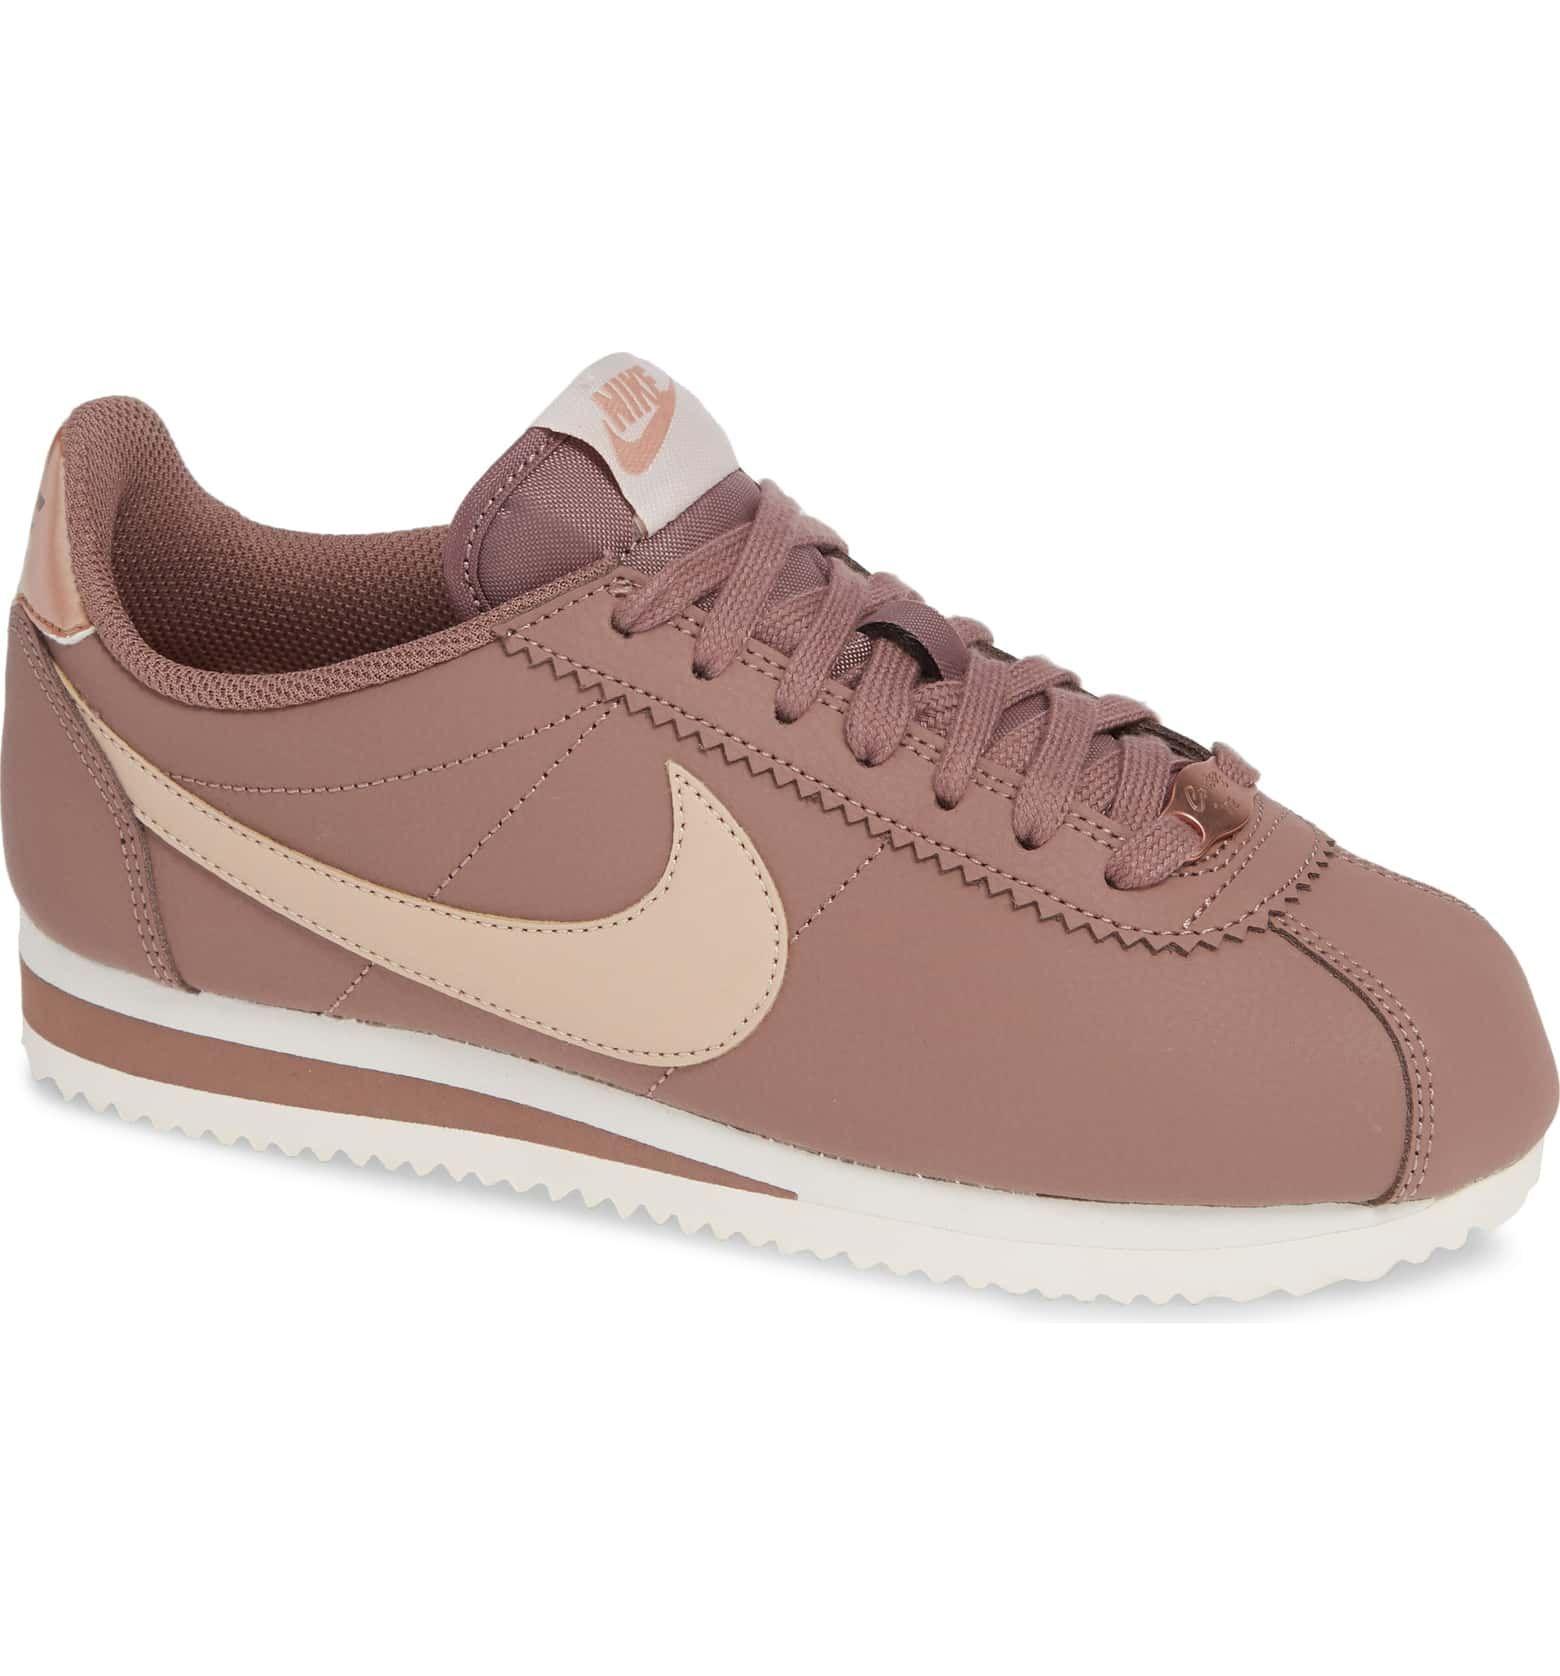 sale retailer 77b45 4111f Classic Cortez Sneaker, Main, color, SMOKEY MAUVE  PARTICLE BEIGE